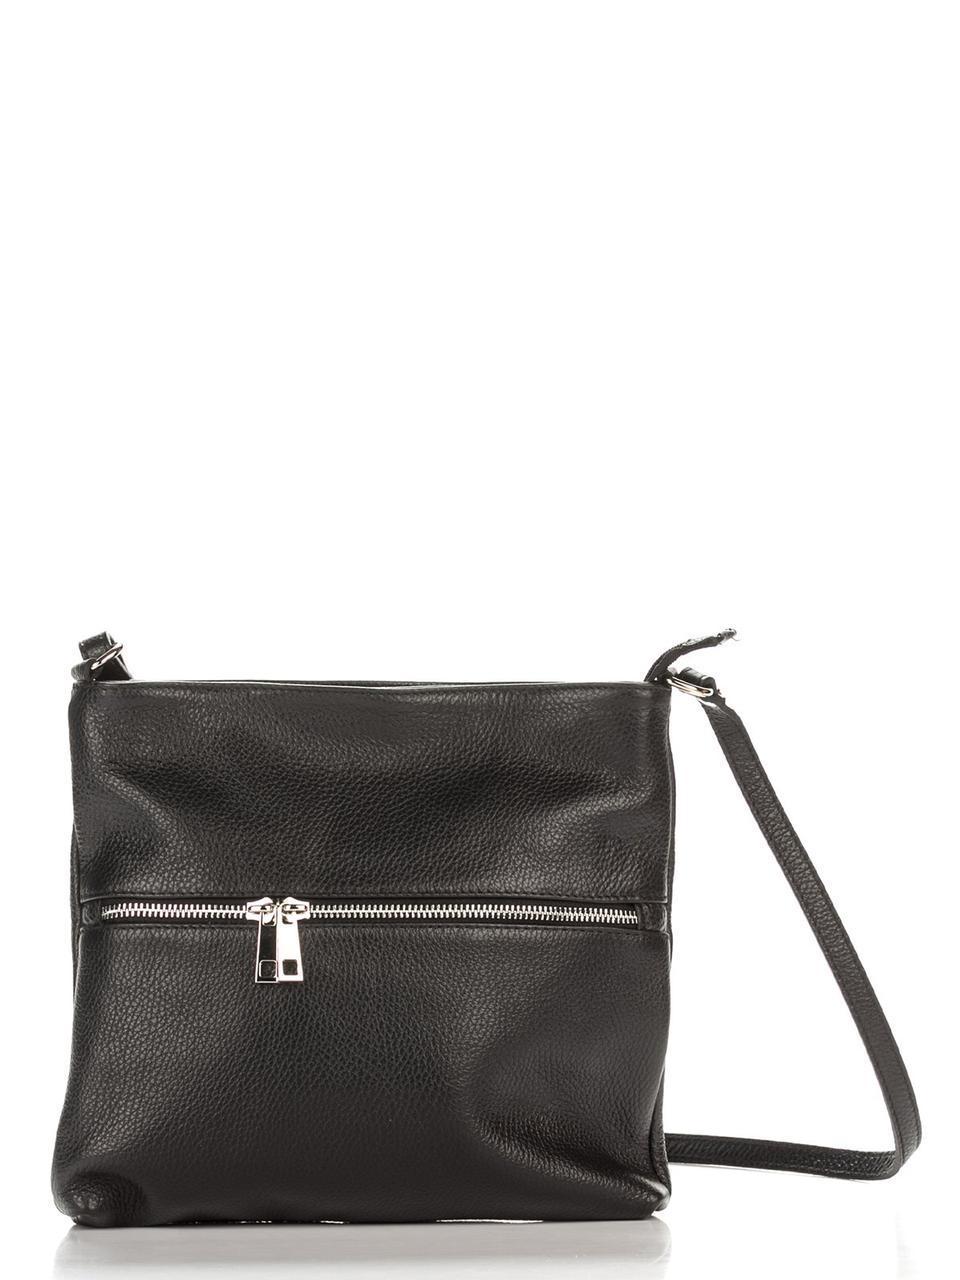 Жіноча шкіряна сумка JOSSLYN diva's Bag колір чорний